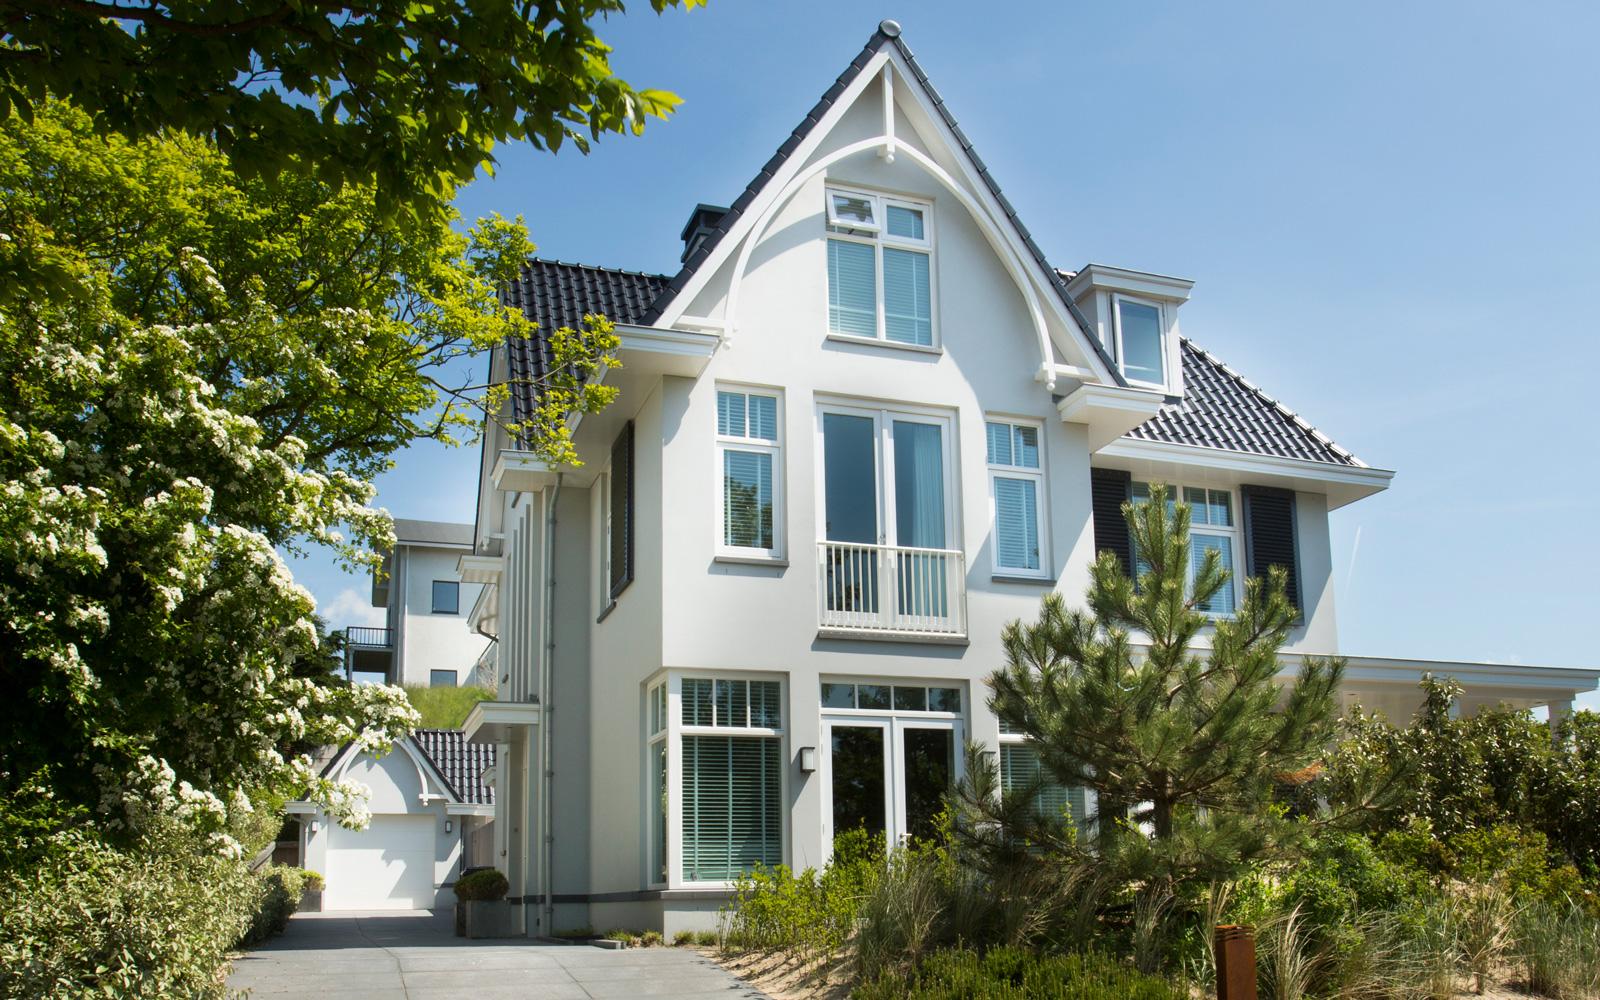 Van Egmond Totaalarchitectuur heeft deze villa werkelijk uniek gemaakt.